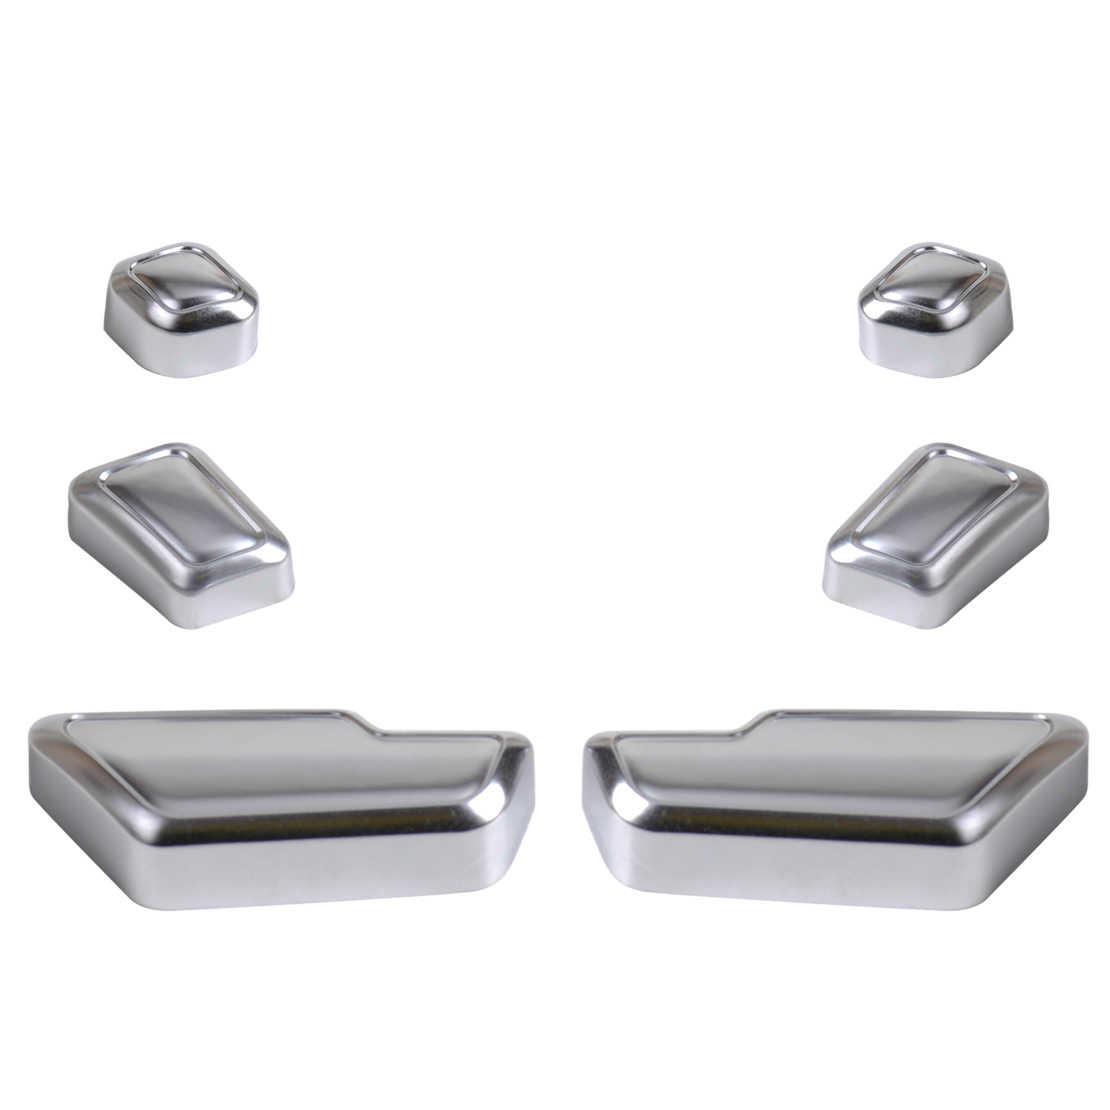 Beler מושב להתאים כיסוי מתג כפתור דלת כרום לקצץ עבור מרצדס בנץ CLS E GL Class W212 W218 X166